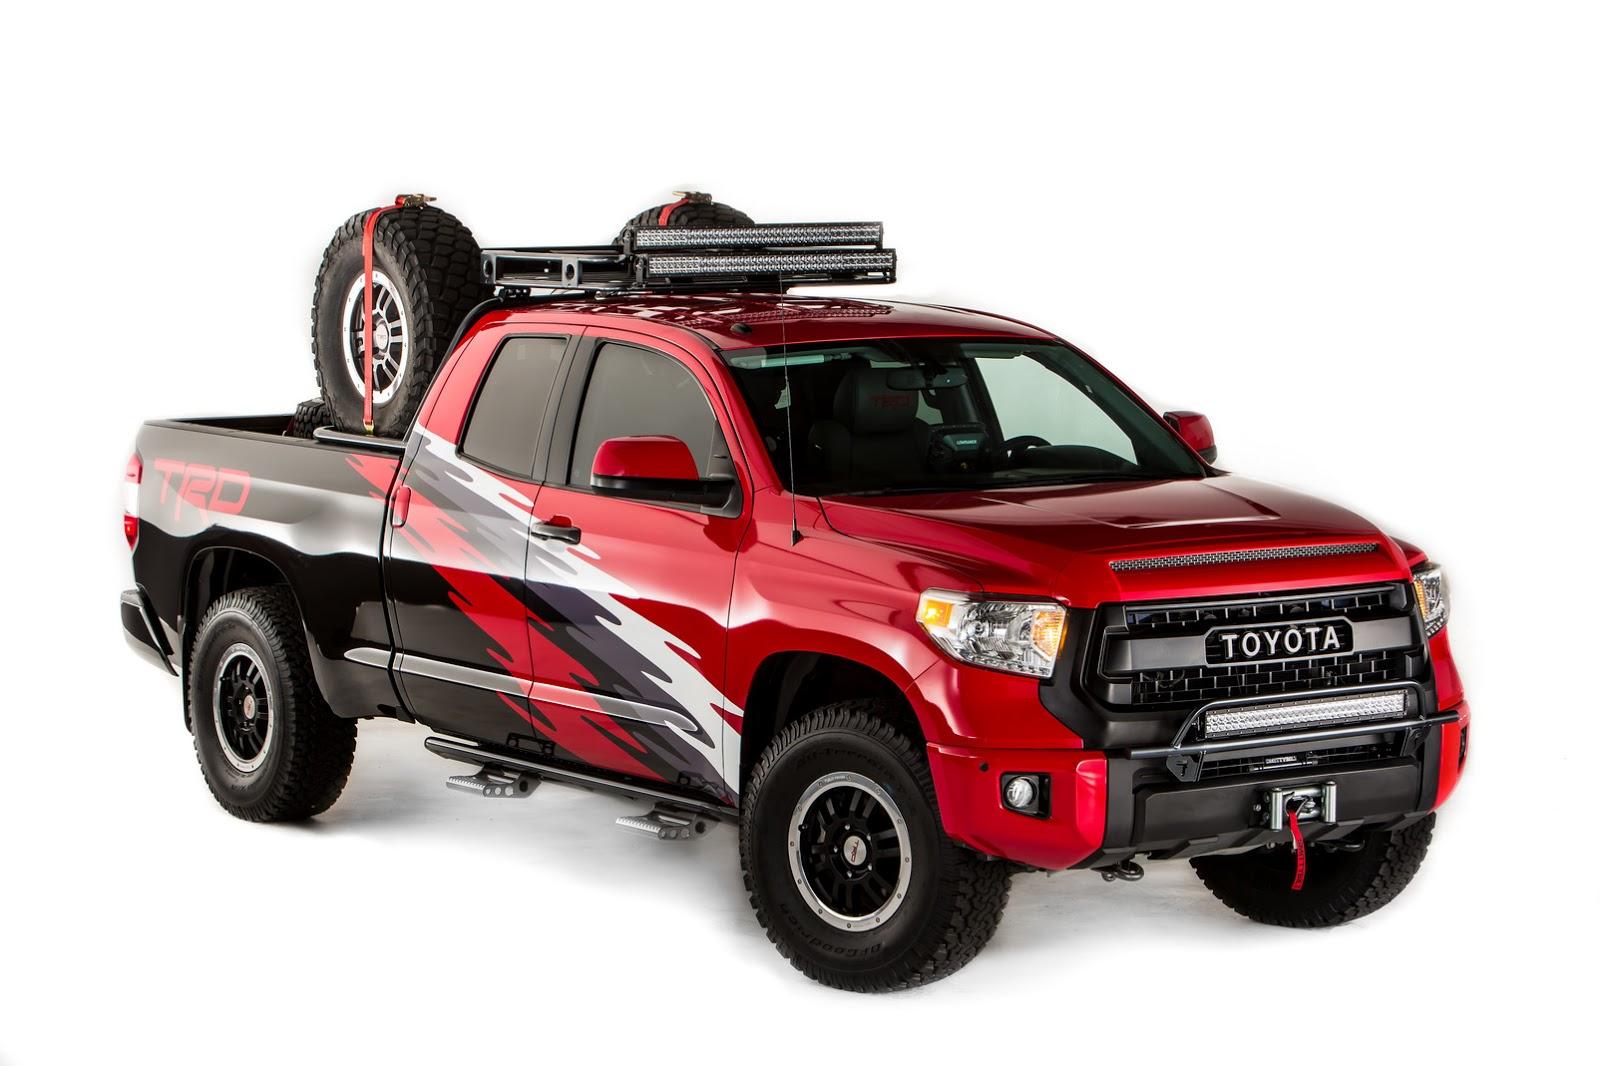 Toyota ประกาศรายชื่อรถที่โชว์ในงานอย่าง Quot Sema Show